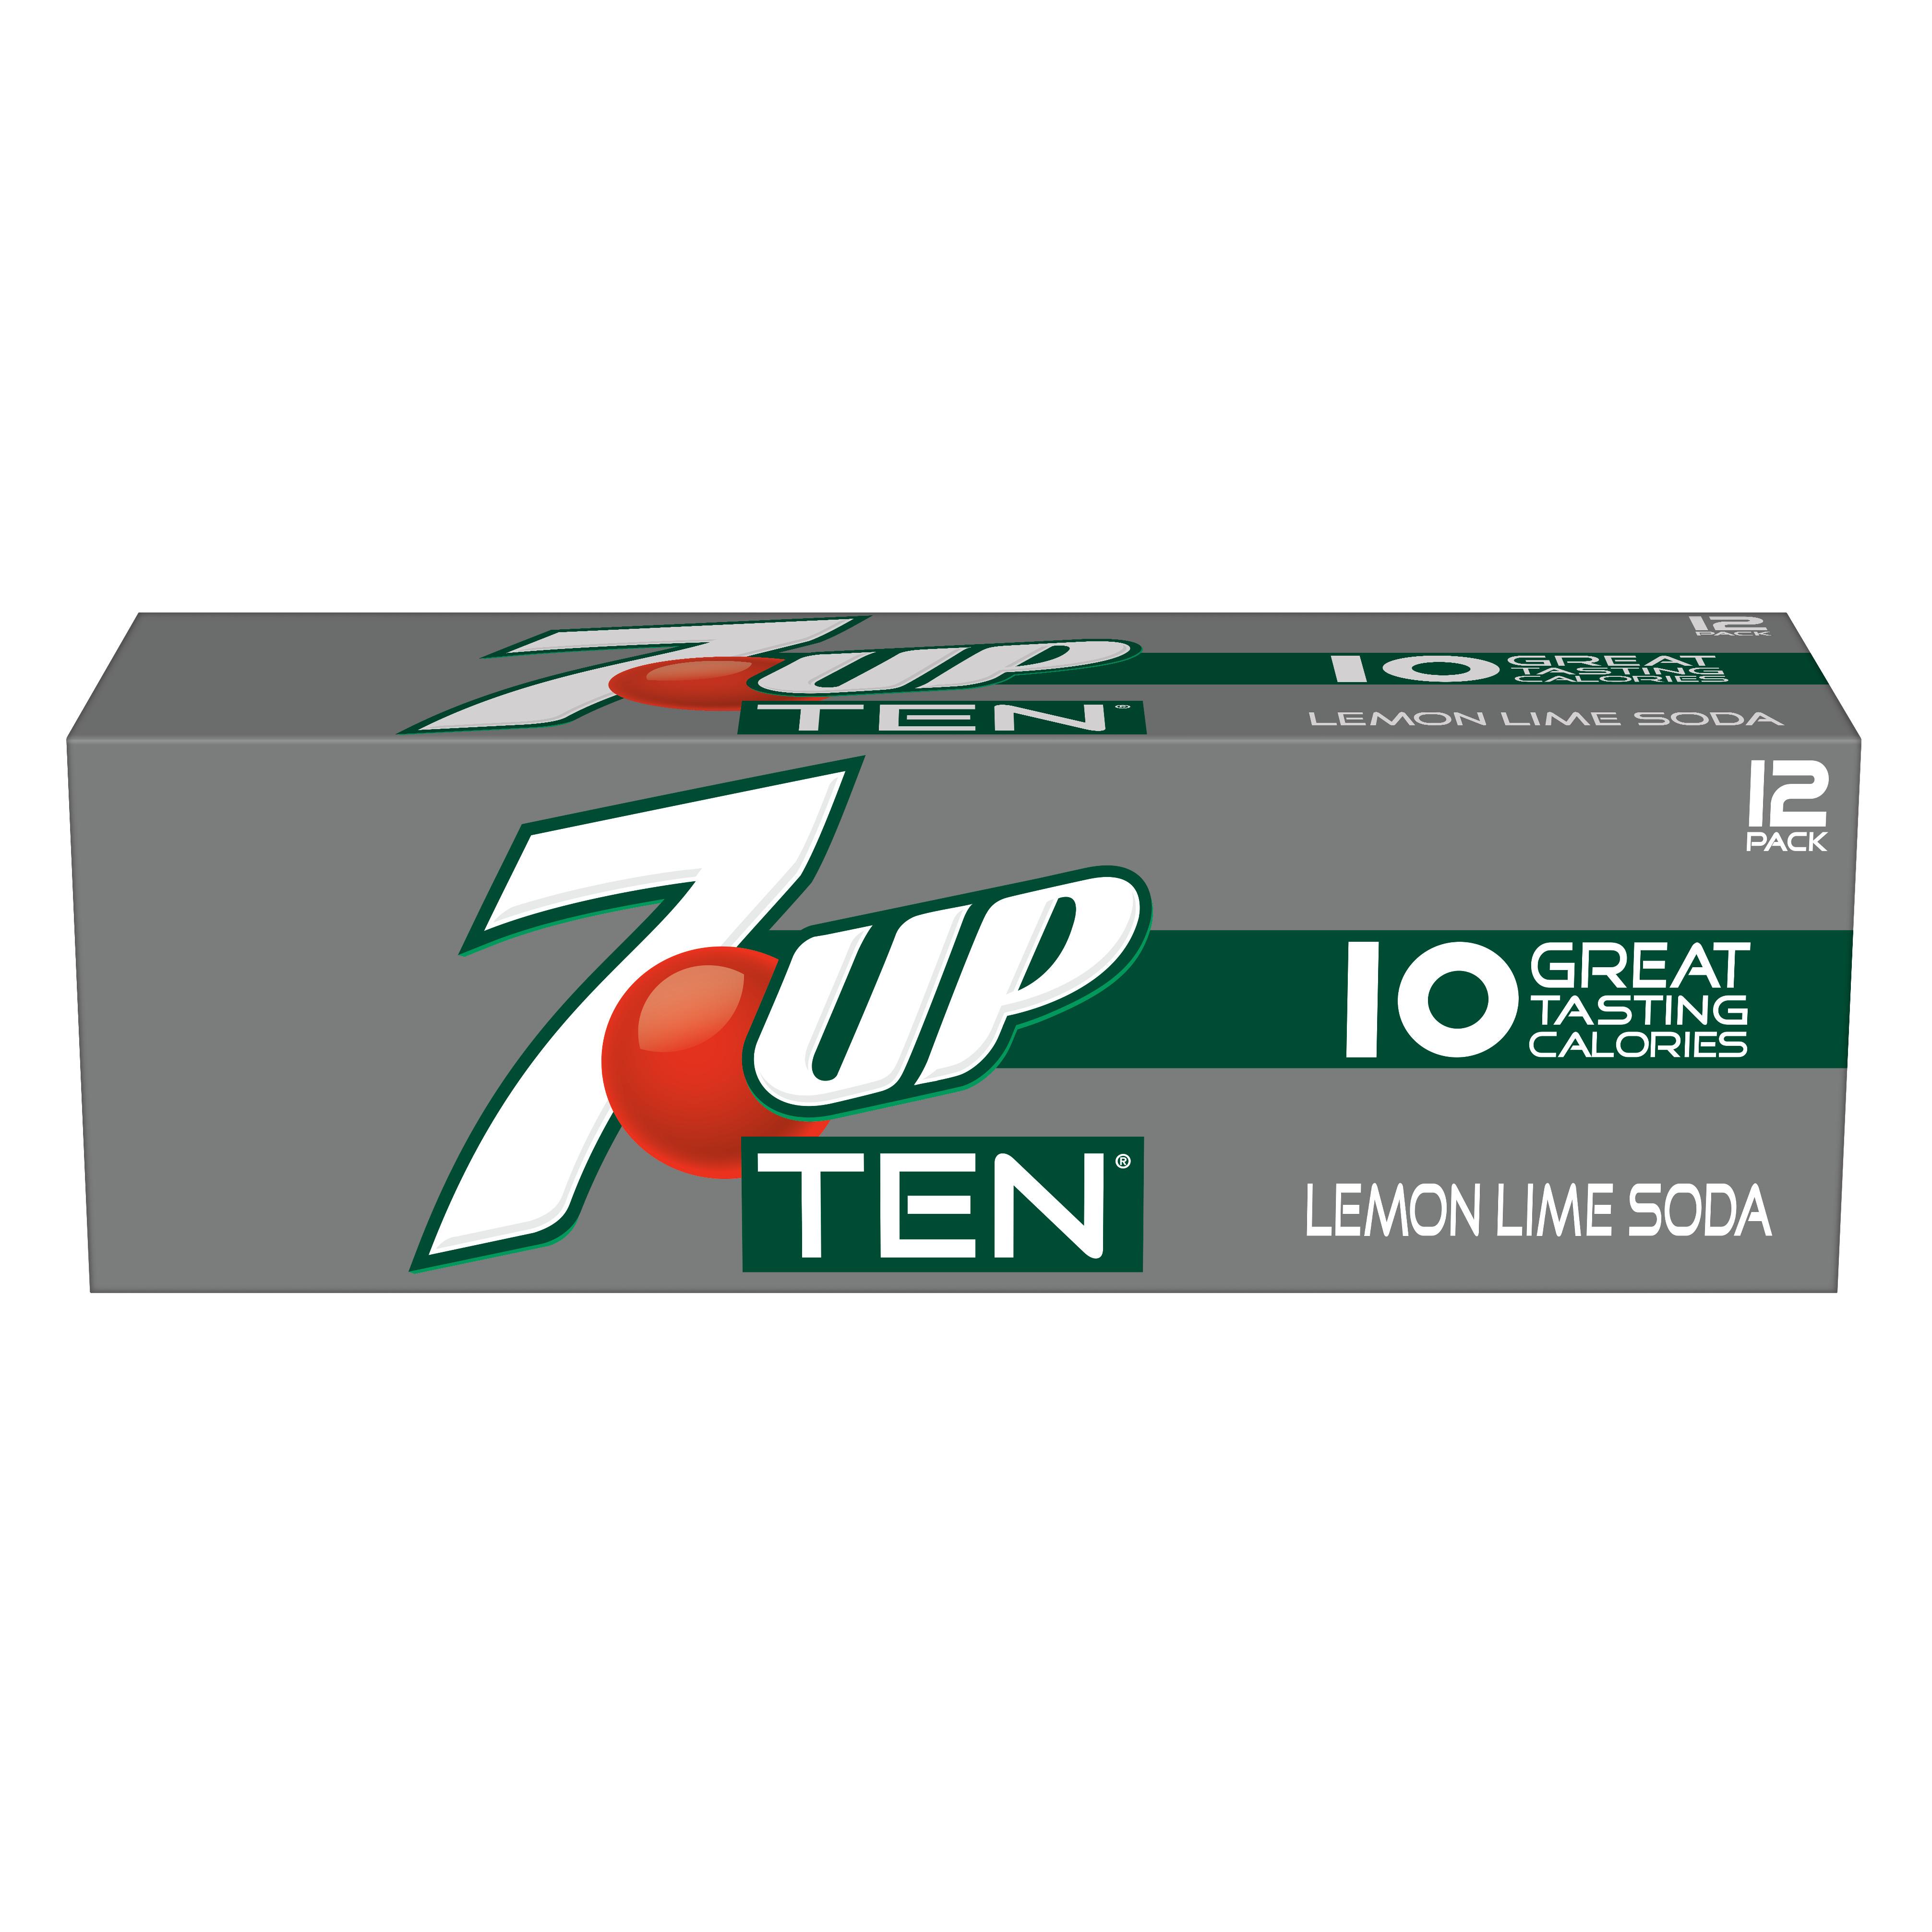 Image of 7UP TEN, 12 fl oz, 12 pack